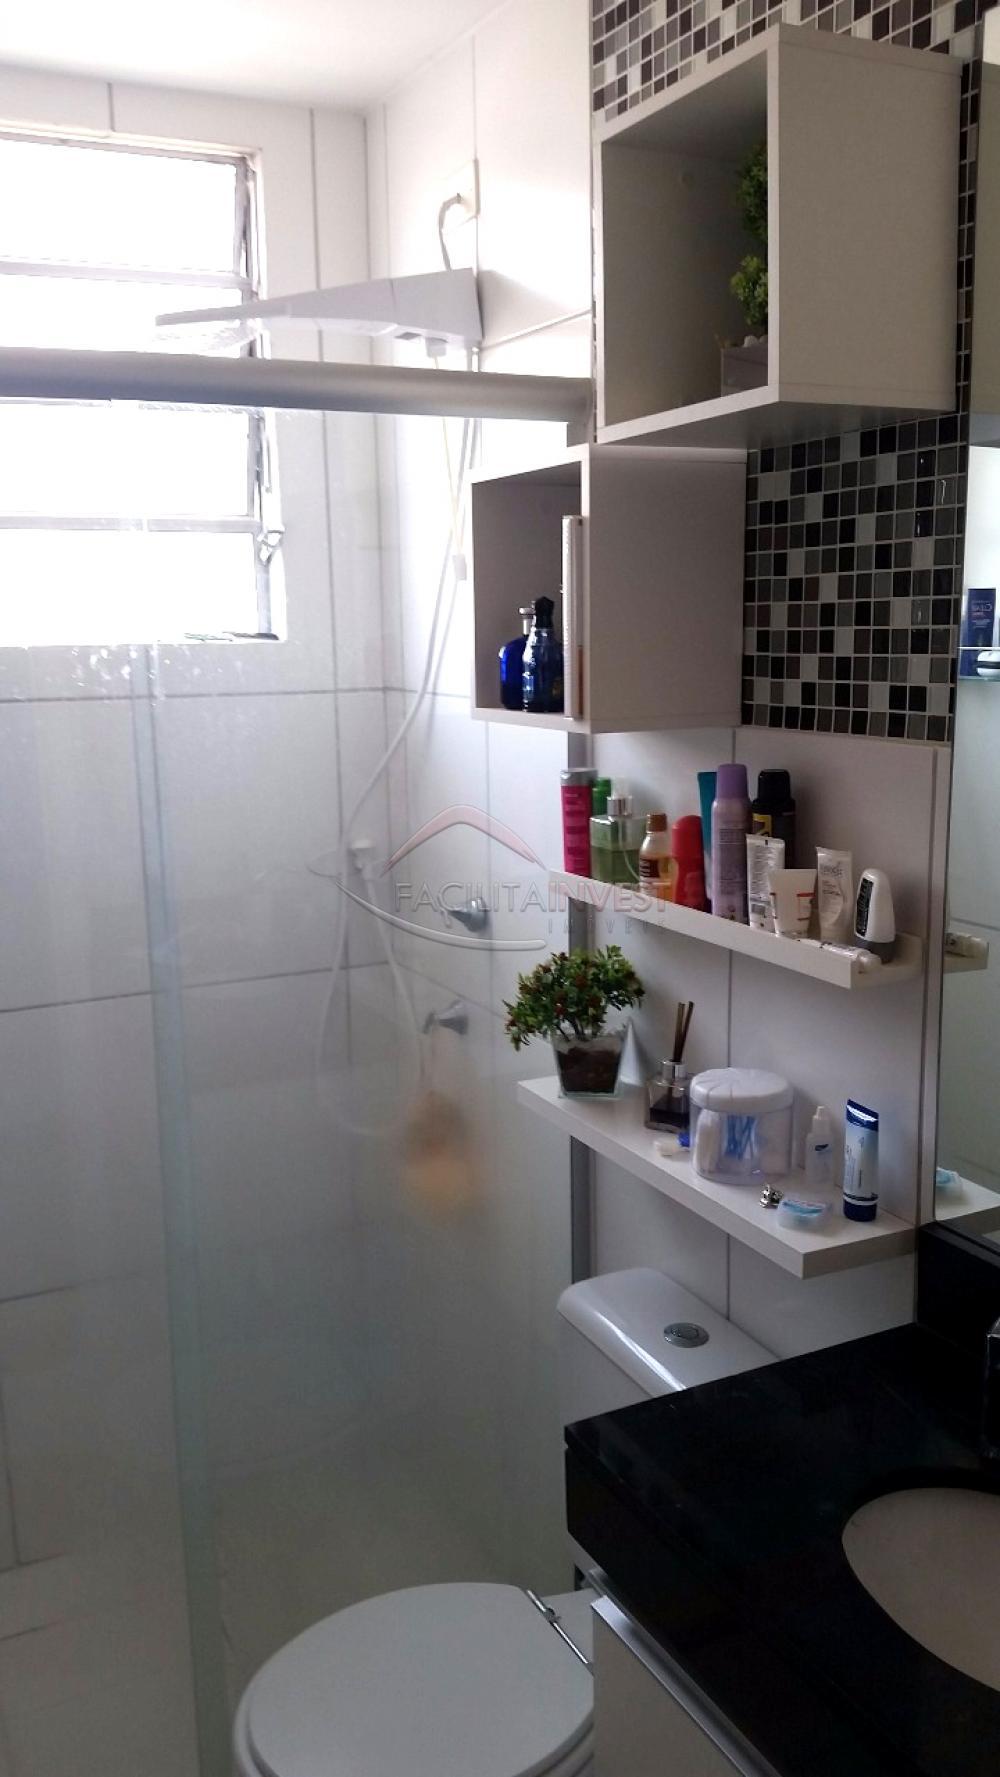 Comprar Apartamentos / Apart. Padrão em Ribeirão Preto apenas R$ 179.000,00 - Foto 7